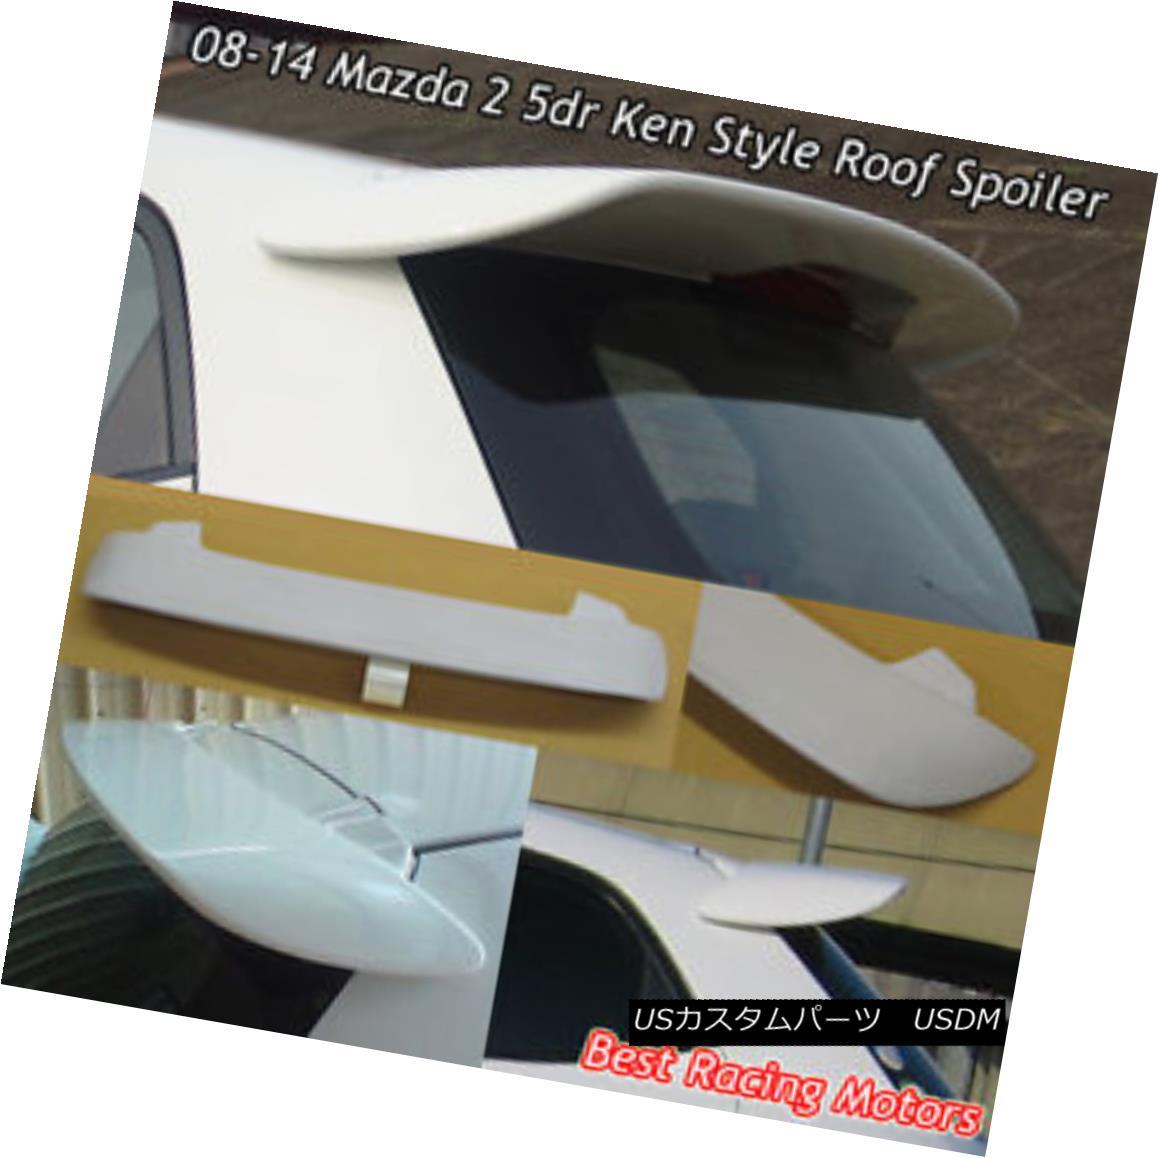 <title>車用品 バイク用品 >> 即日出荷 パーツ 外装 エアロパーツ リアスポイラー K Style Rear Roof Spoiler Wing FRP Fits 08-14 Mazda 2 5dr Kスタイルリアルーフスポイラーウイング フィット08-14マツダ2</title>